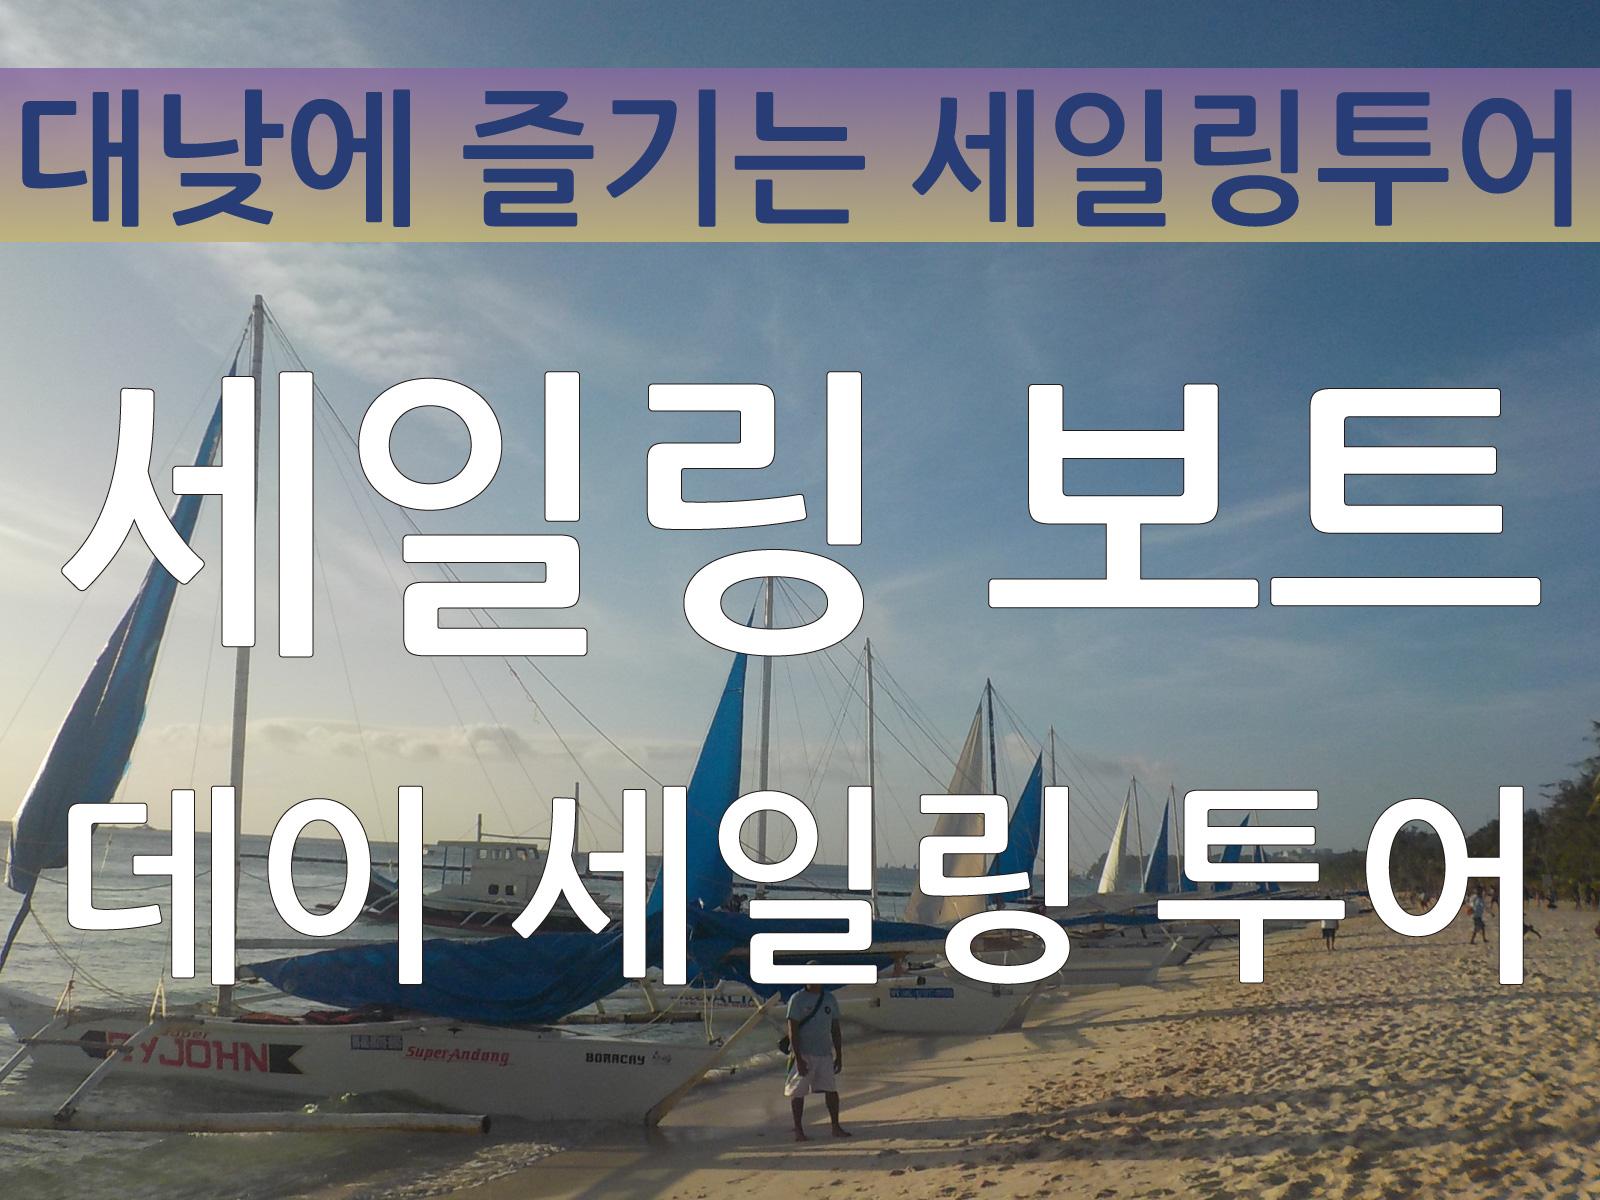 [단독] 주간 데이 세일링 / 파라우 세일링 보트 - 대낮에는 1시간! 탑승!!